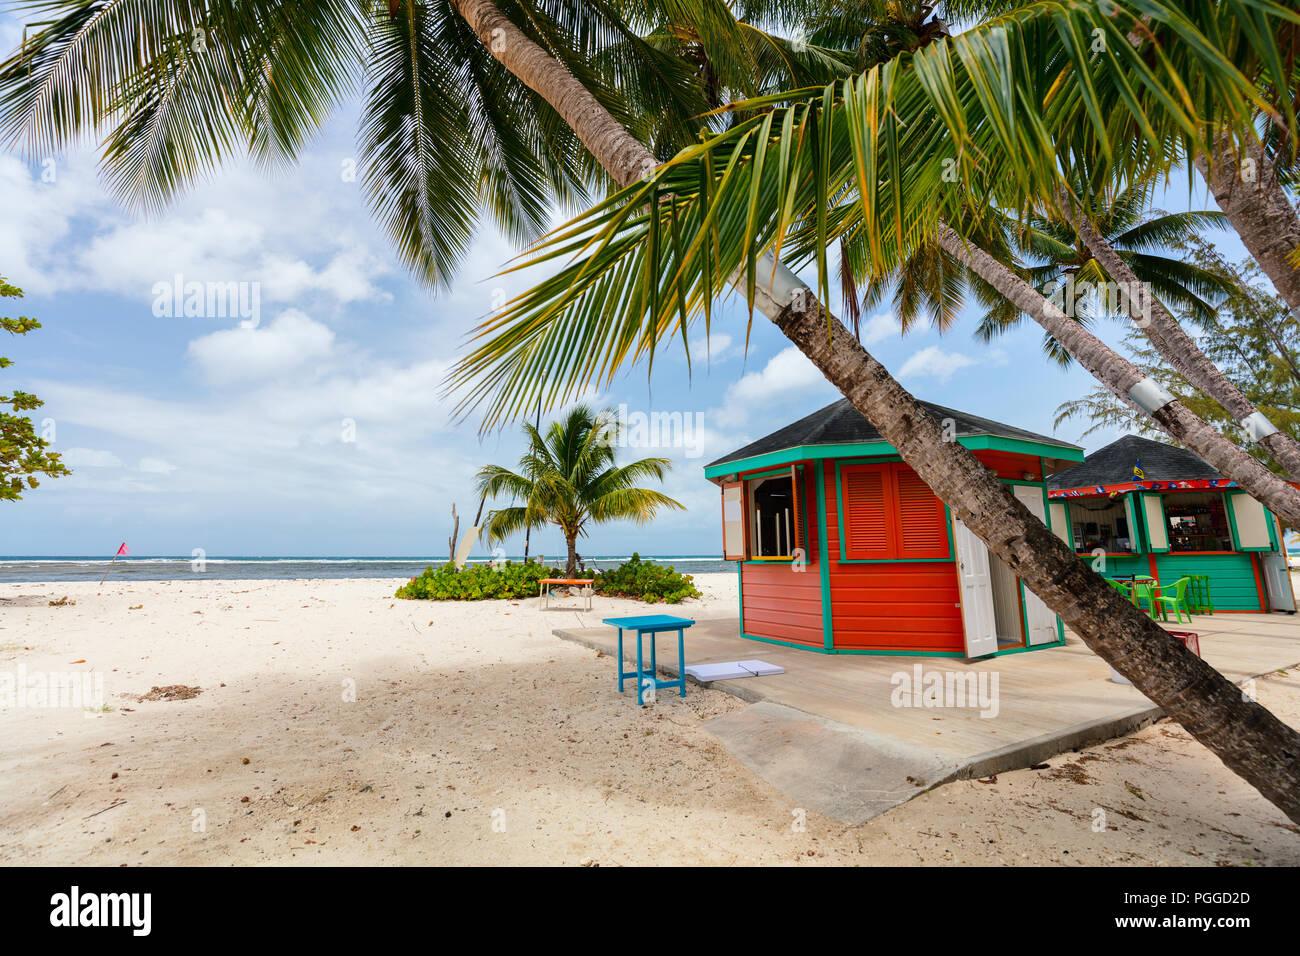 Tropical idyllique plage de sable blanc, de palmiers et d'océan turquoise de l'eau sur l'île de la Barbade dans les Caraïbes Photo Stock